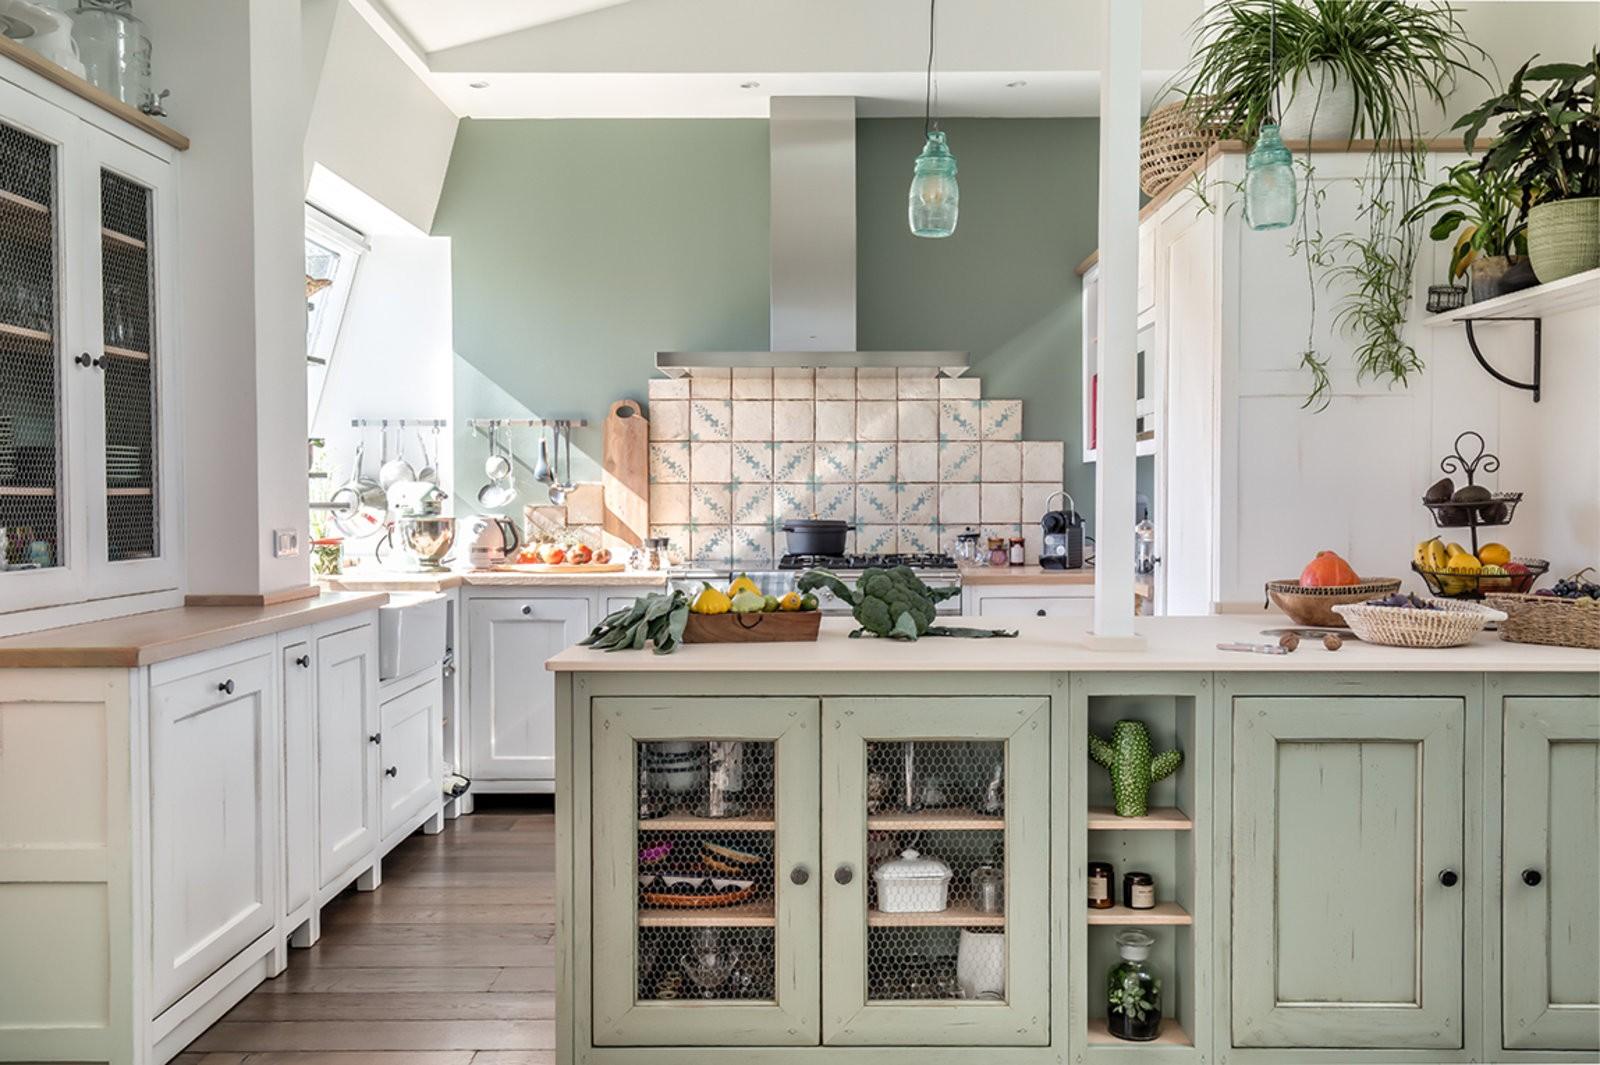 Cuisine ouverte, meublé dans son ensemble. La décoration est végétale  grâce aux couleurs verte pâle et blanc cassé. Carrelage et outils de cuisine sont disposés au mur principale ou se trouve la hôte.